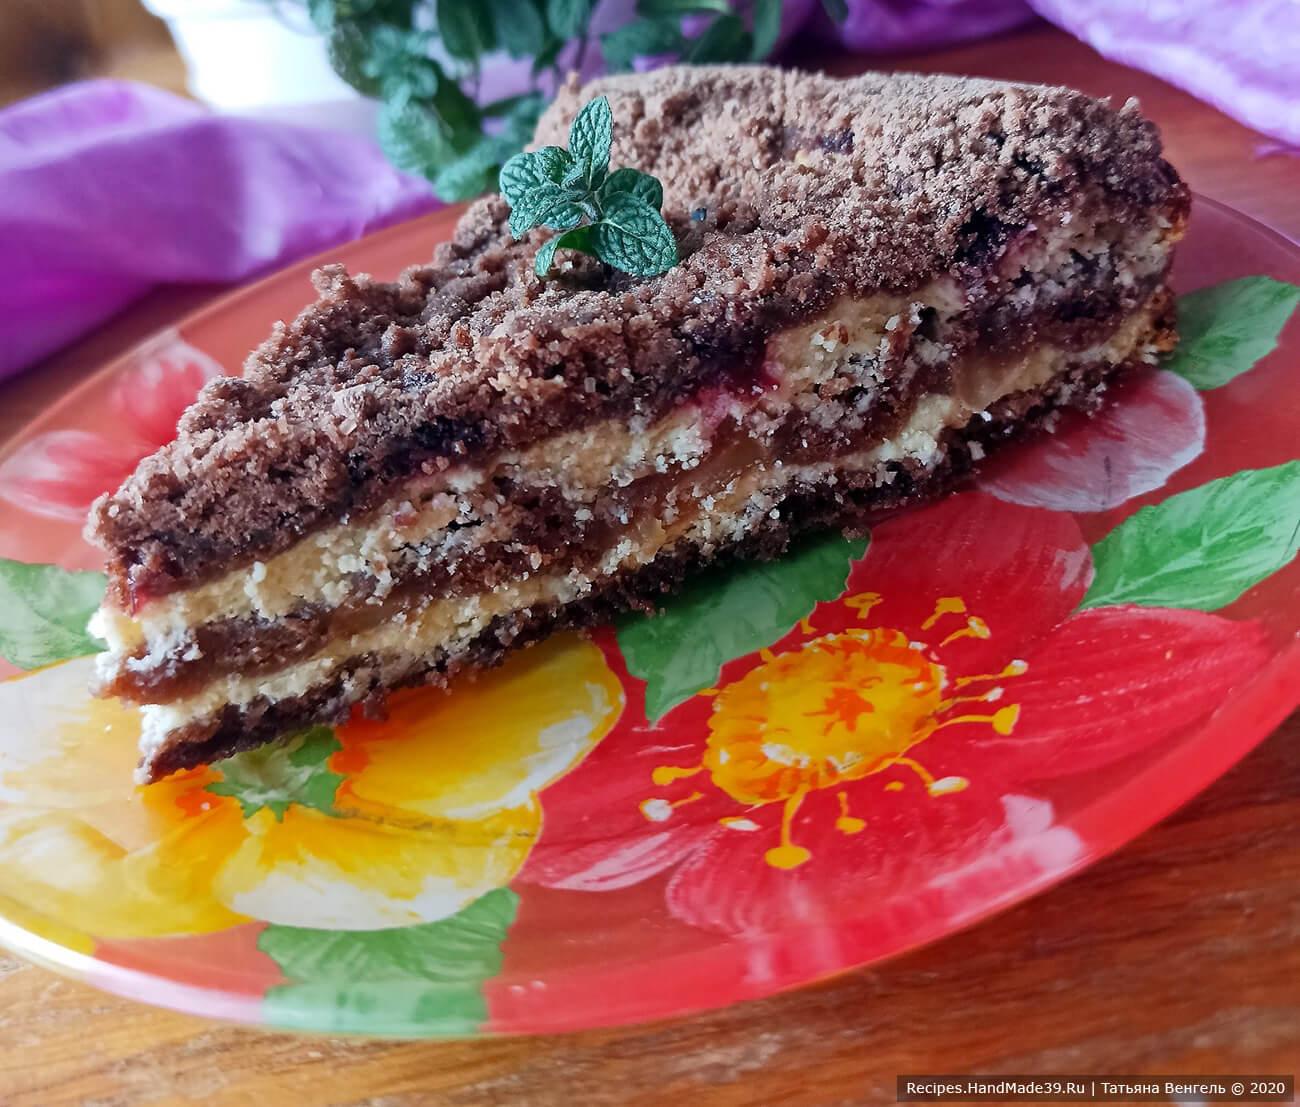 Выпекать шоколадную королевскую ватрушку около 50 минут в духовке при температуре 180 °C